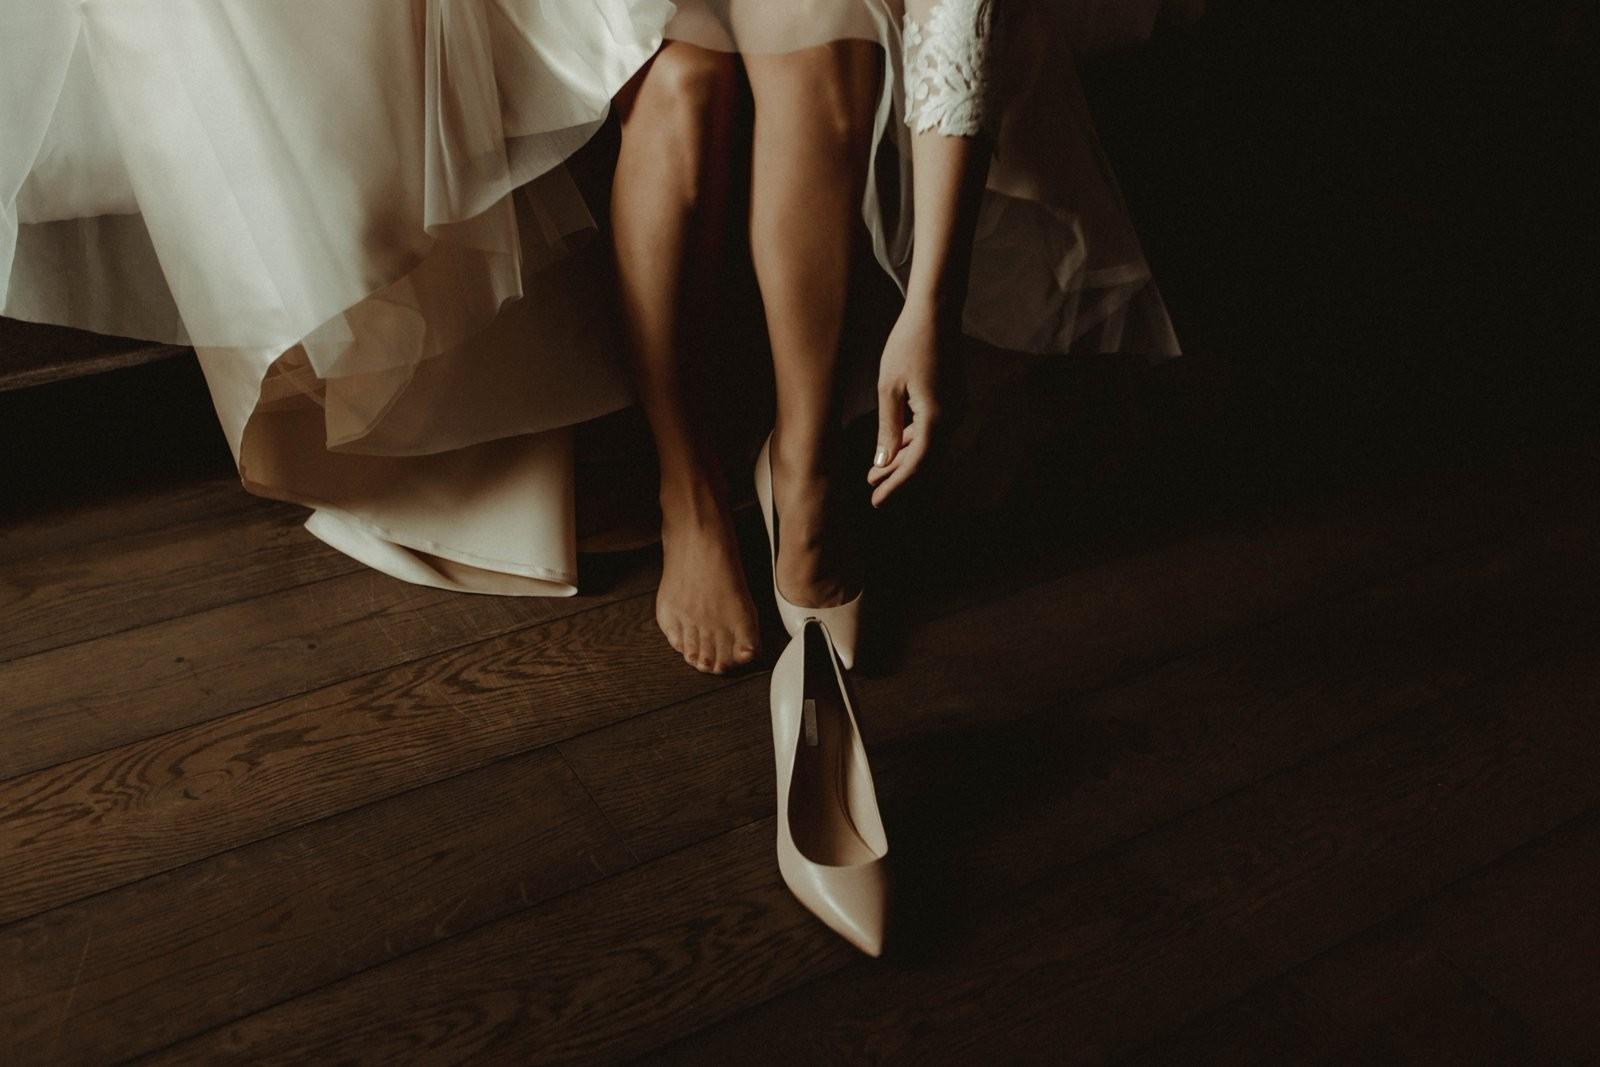 līgava pirms ceremonijas